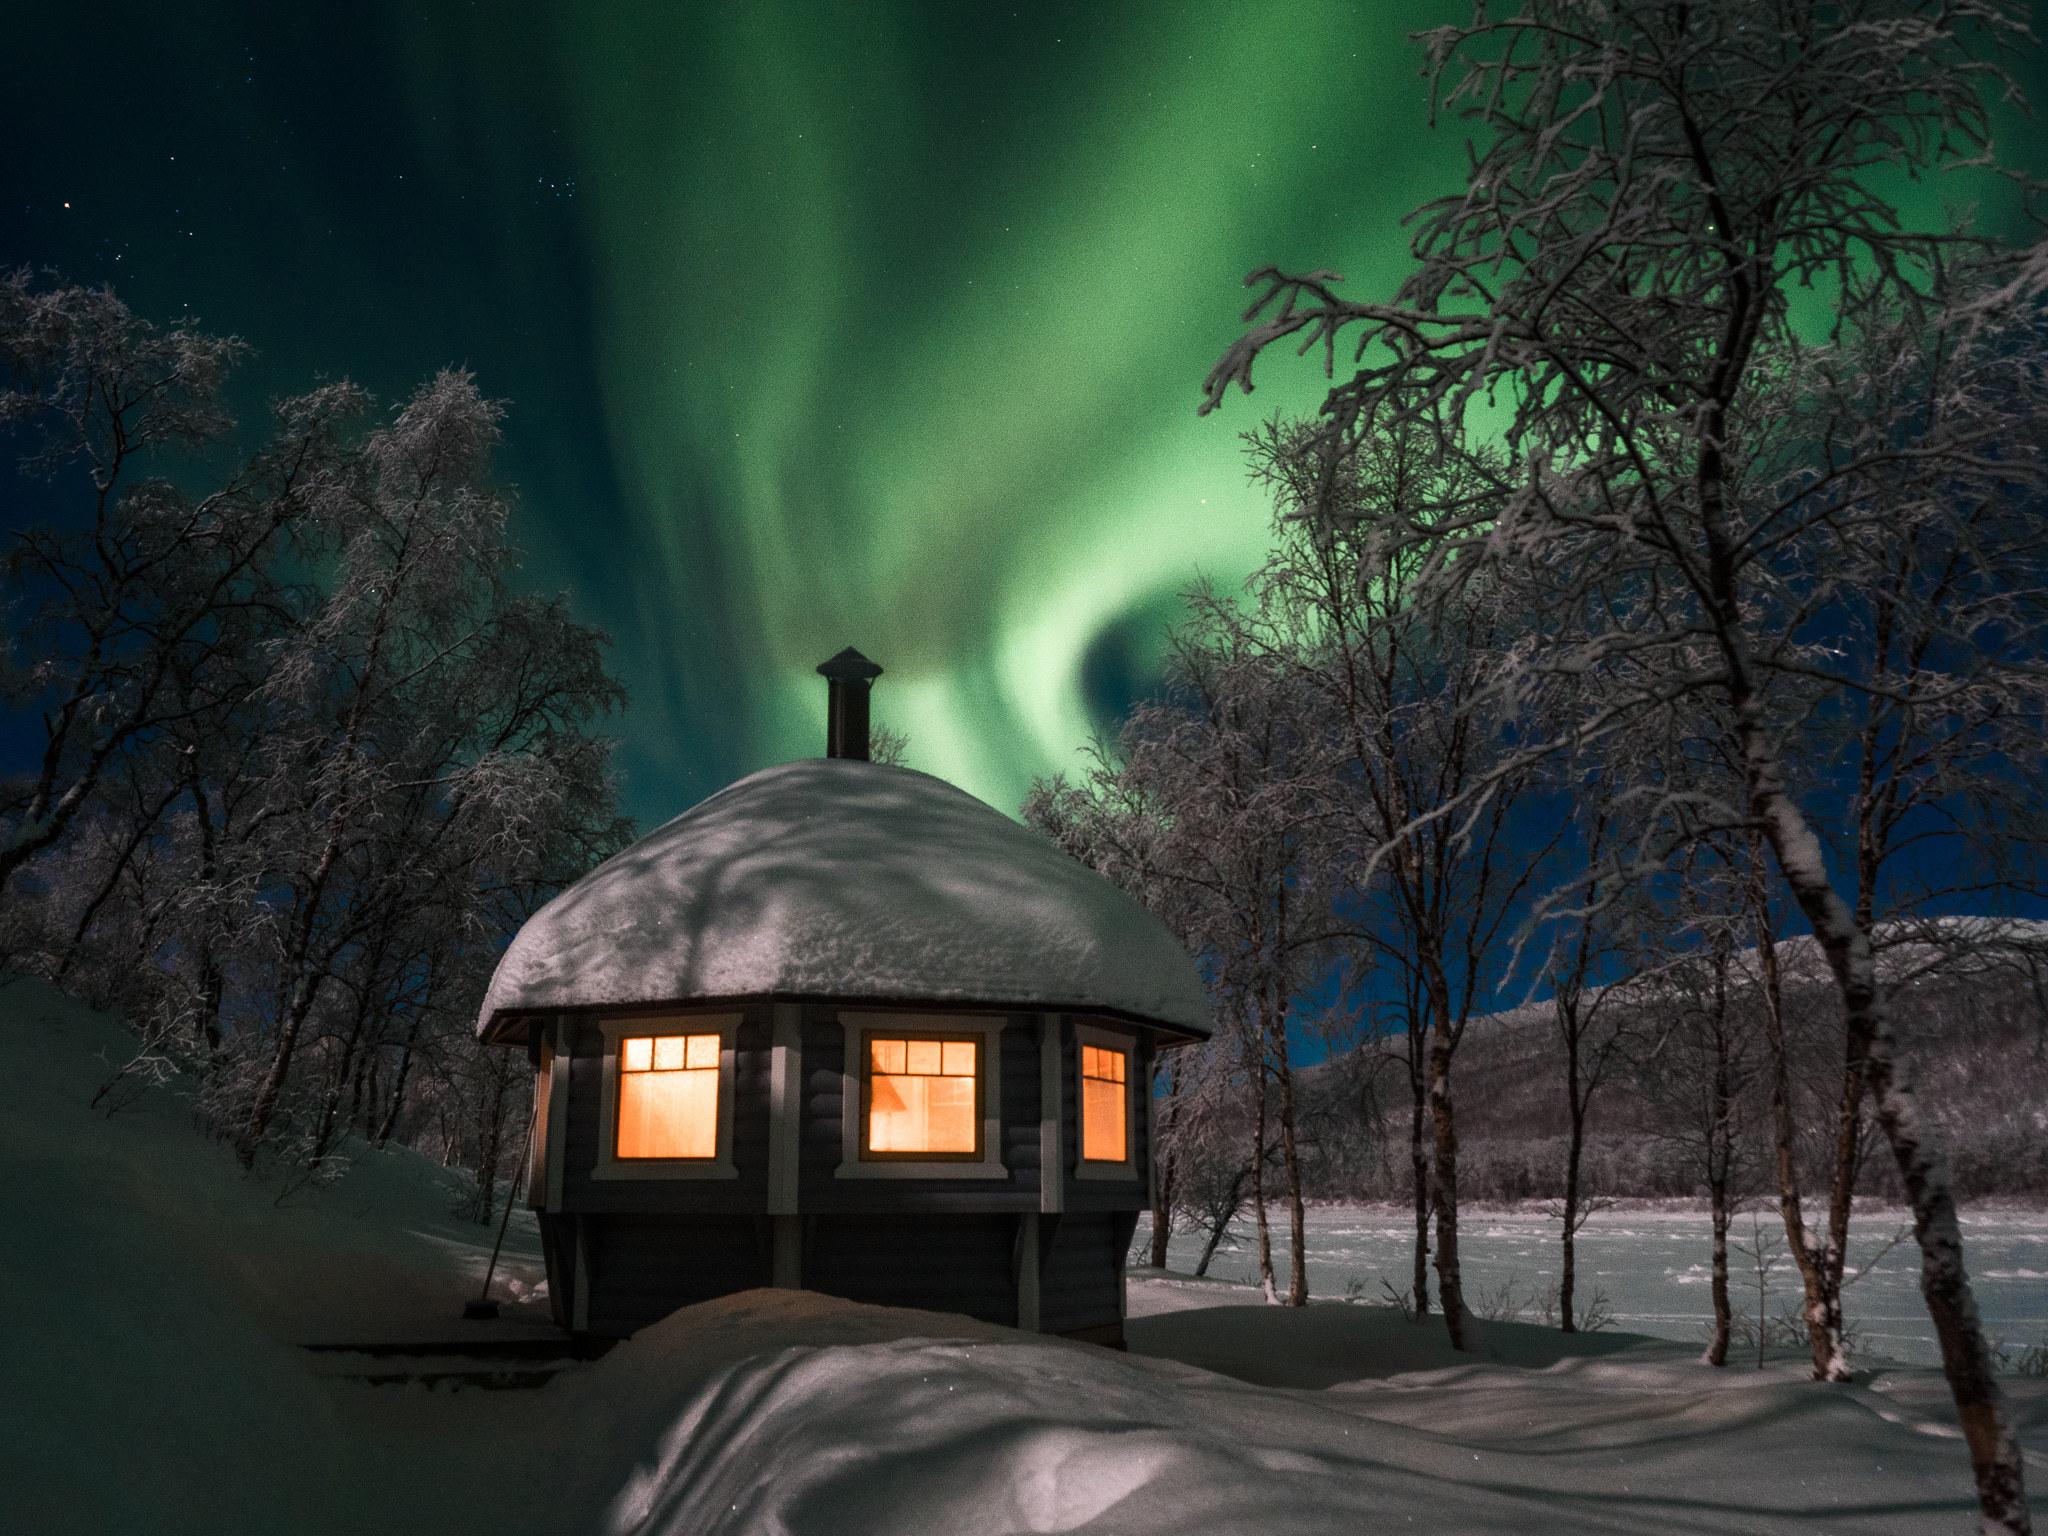 nordlicht-finnland-finnland-lappland-aurora-borealis-850